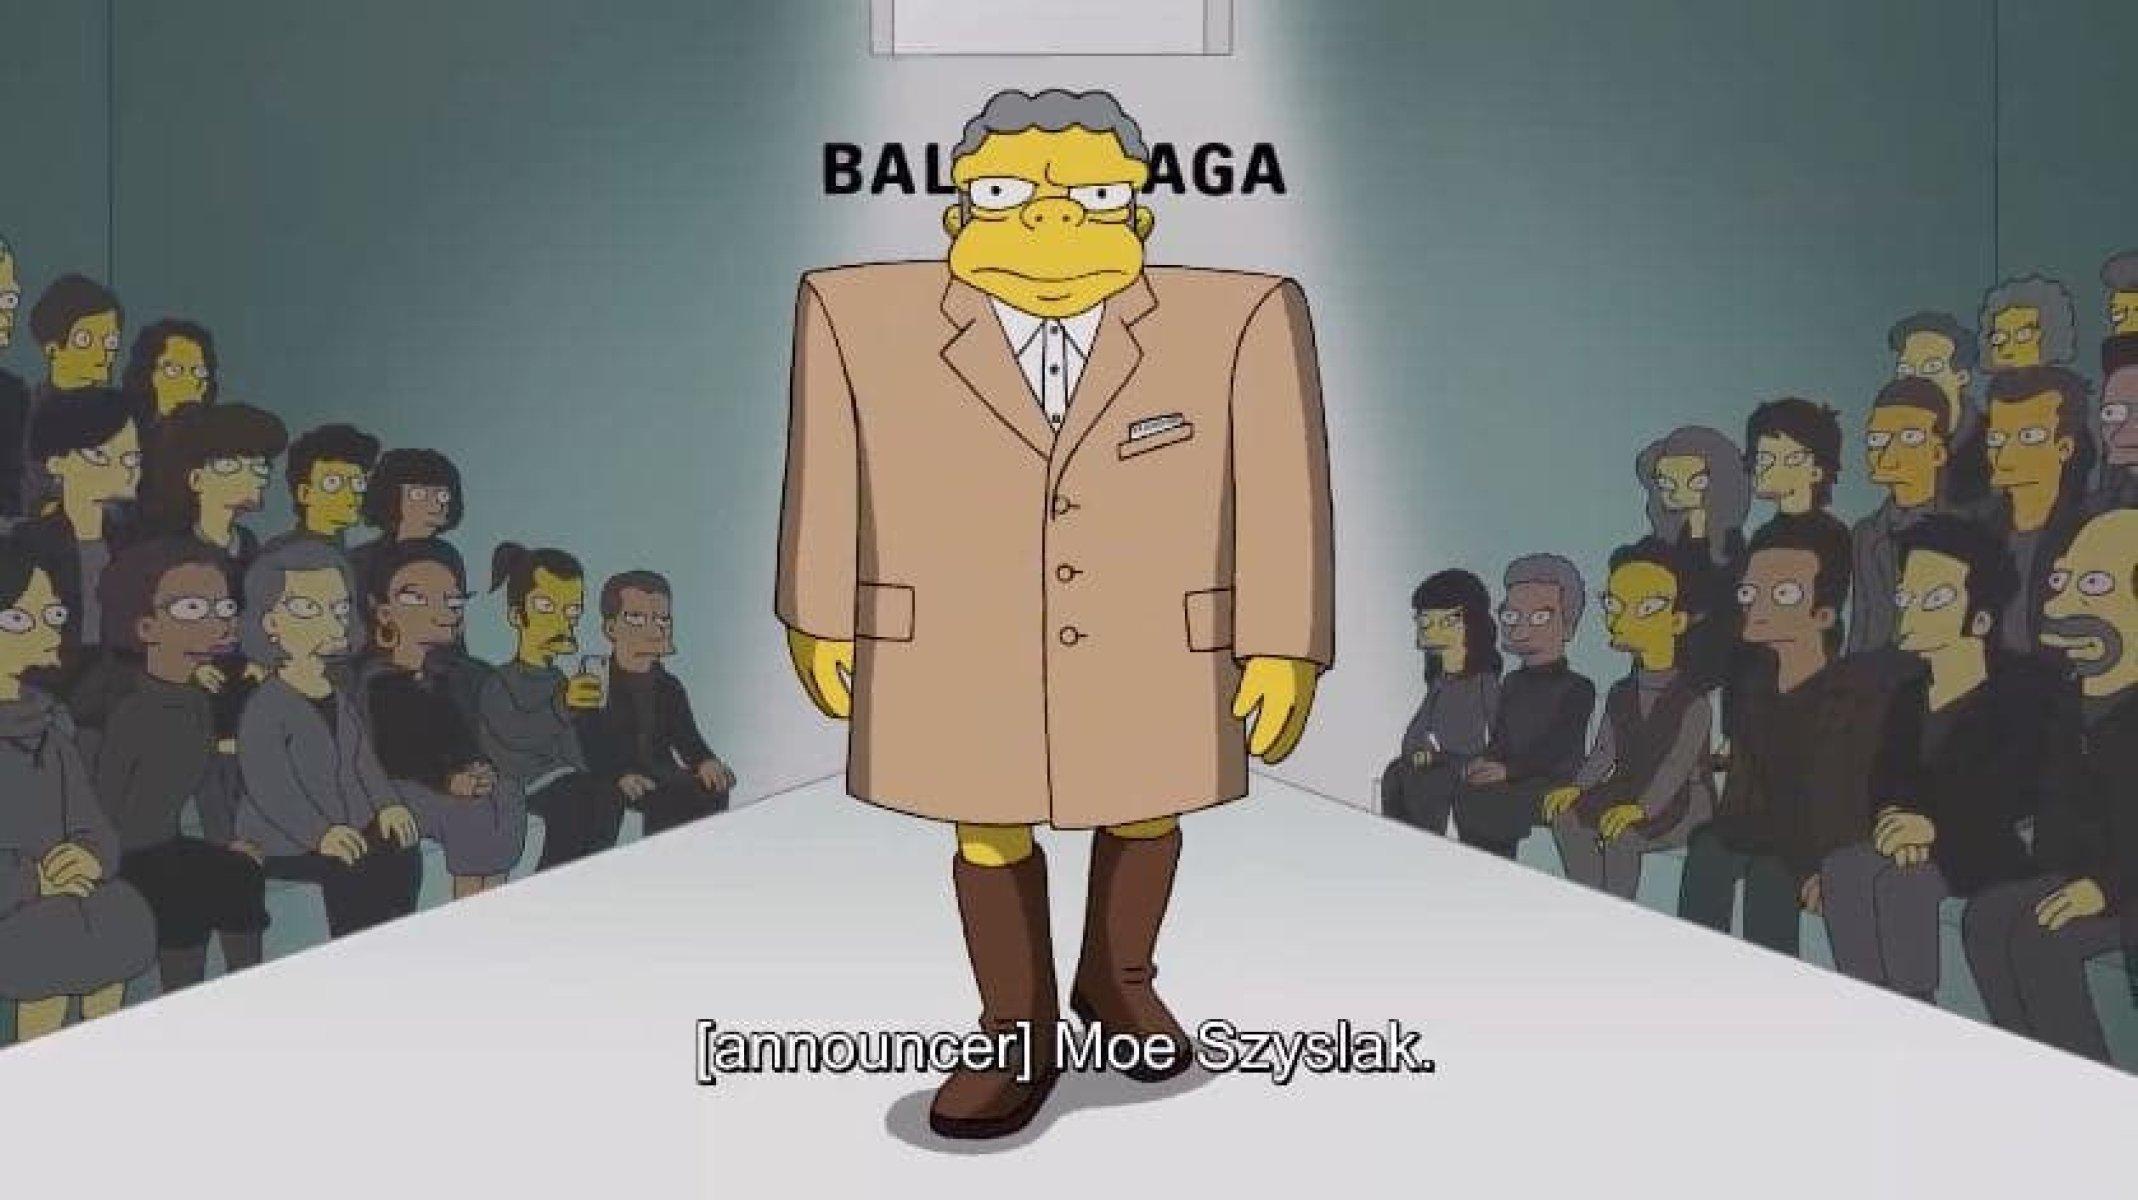 Неделя моды в Париже: персонажи «Симпсонов» представили новую коллекцию Balenciaga (фото, видео)